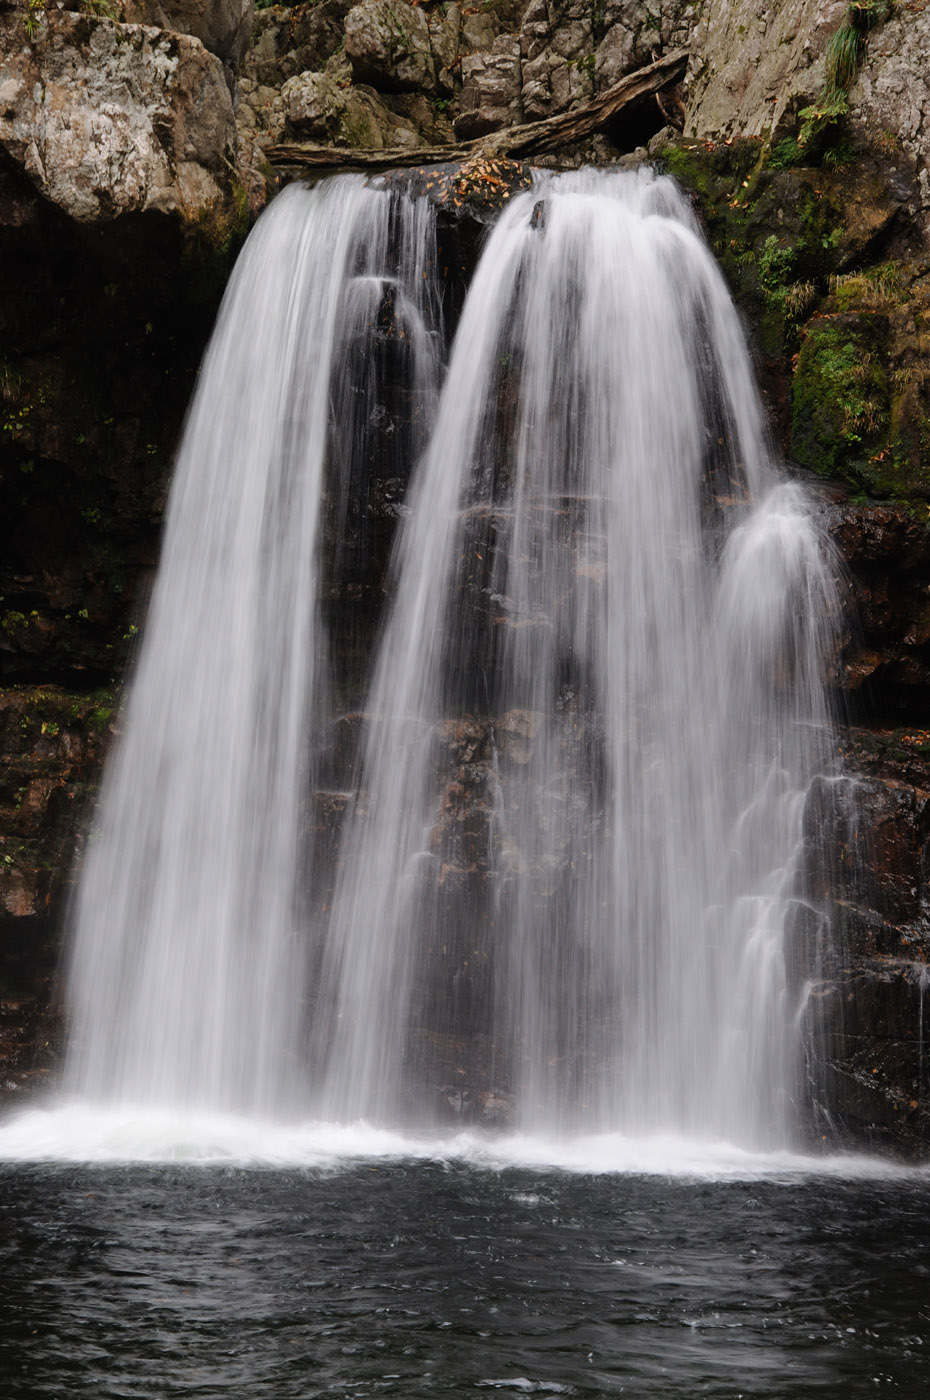 露出時間が1/8秒の滝の写真です